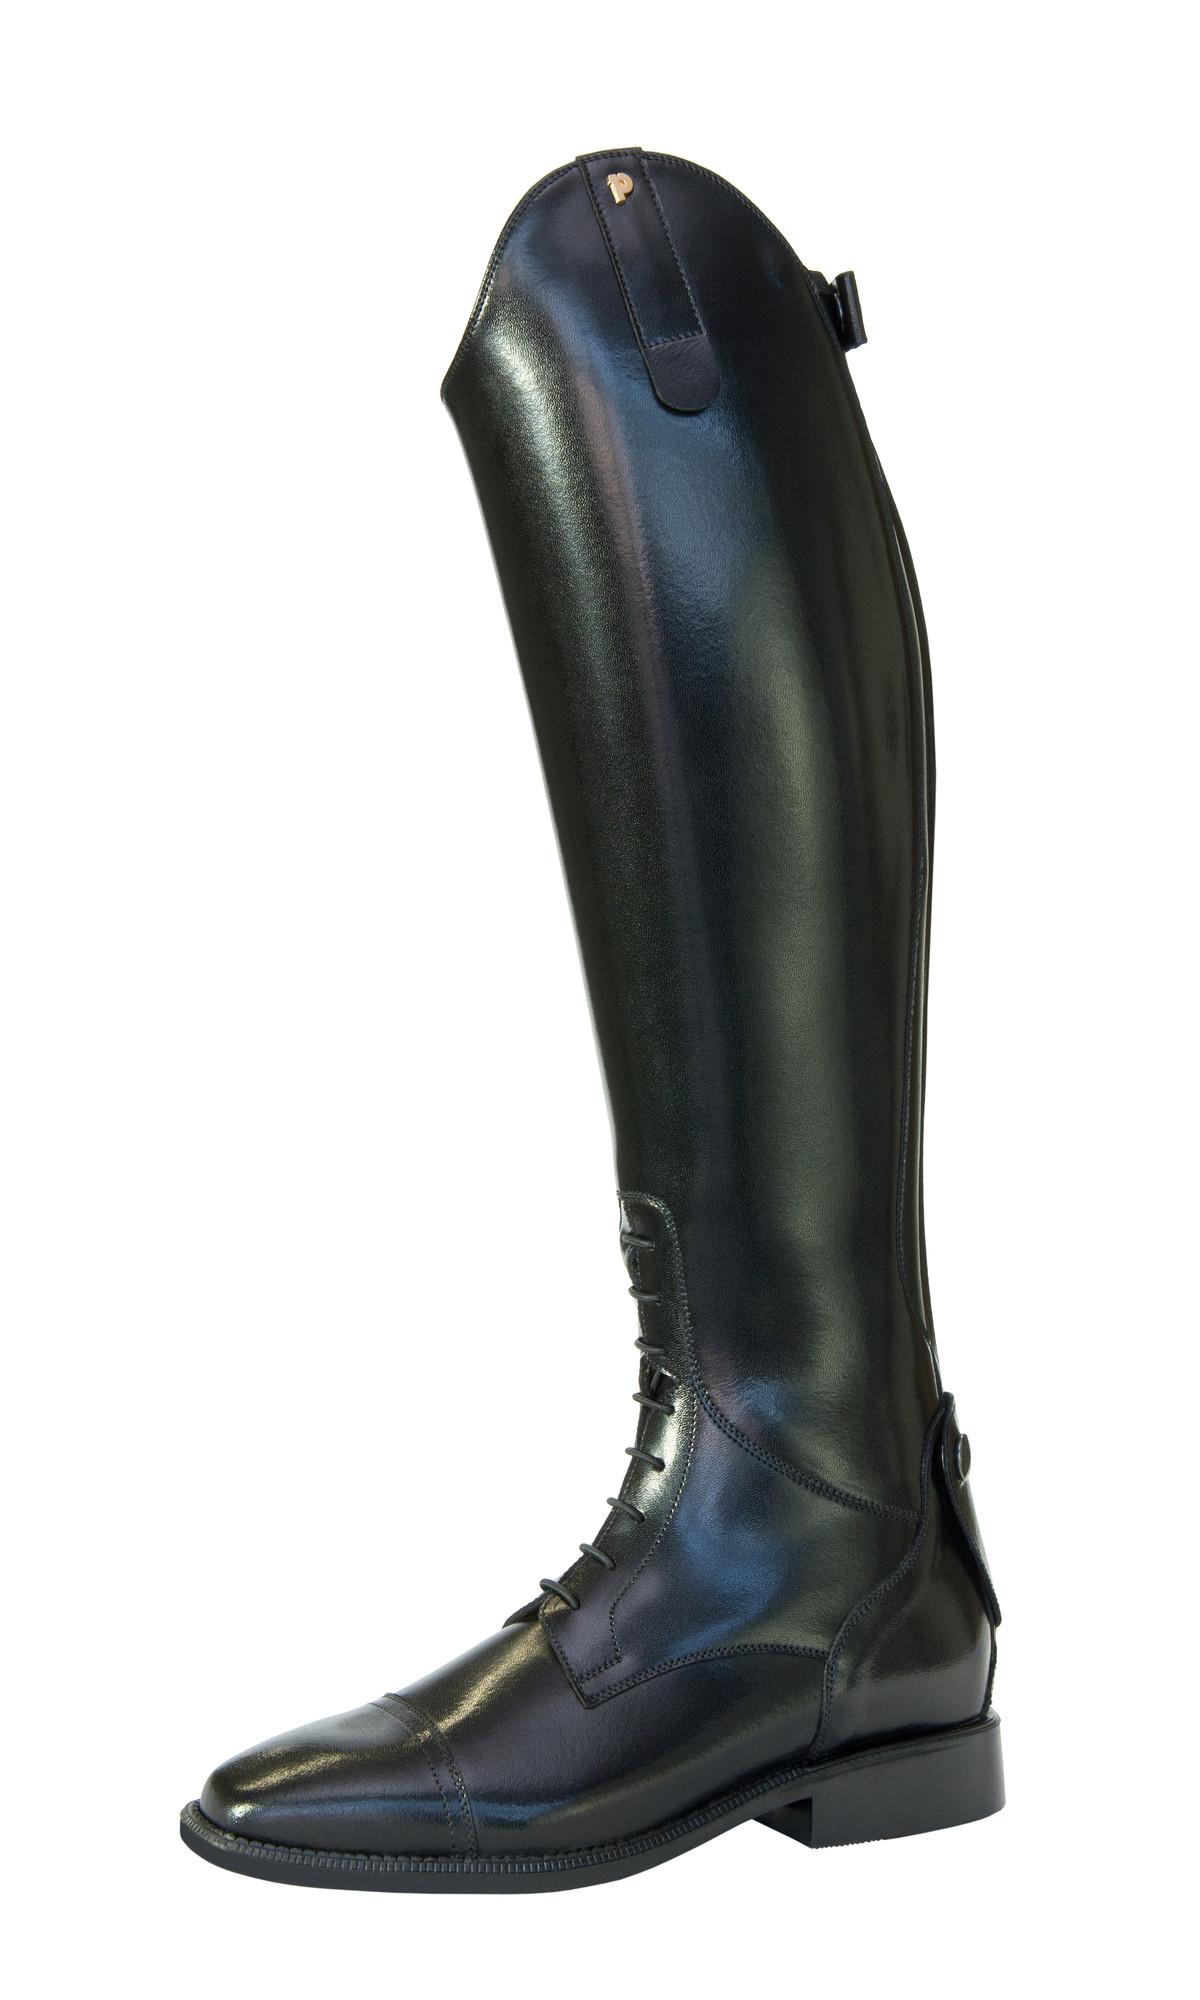 Petrie Melbourne rijlaars zwart maat:5 xw